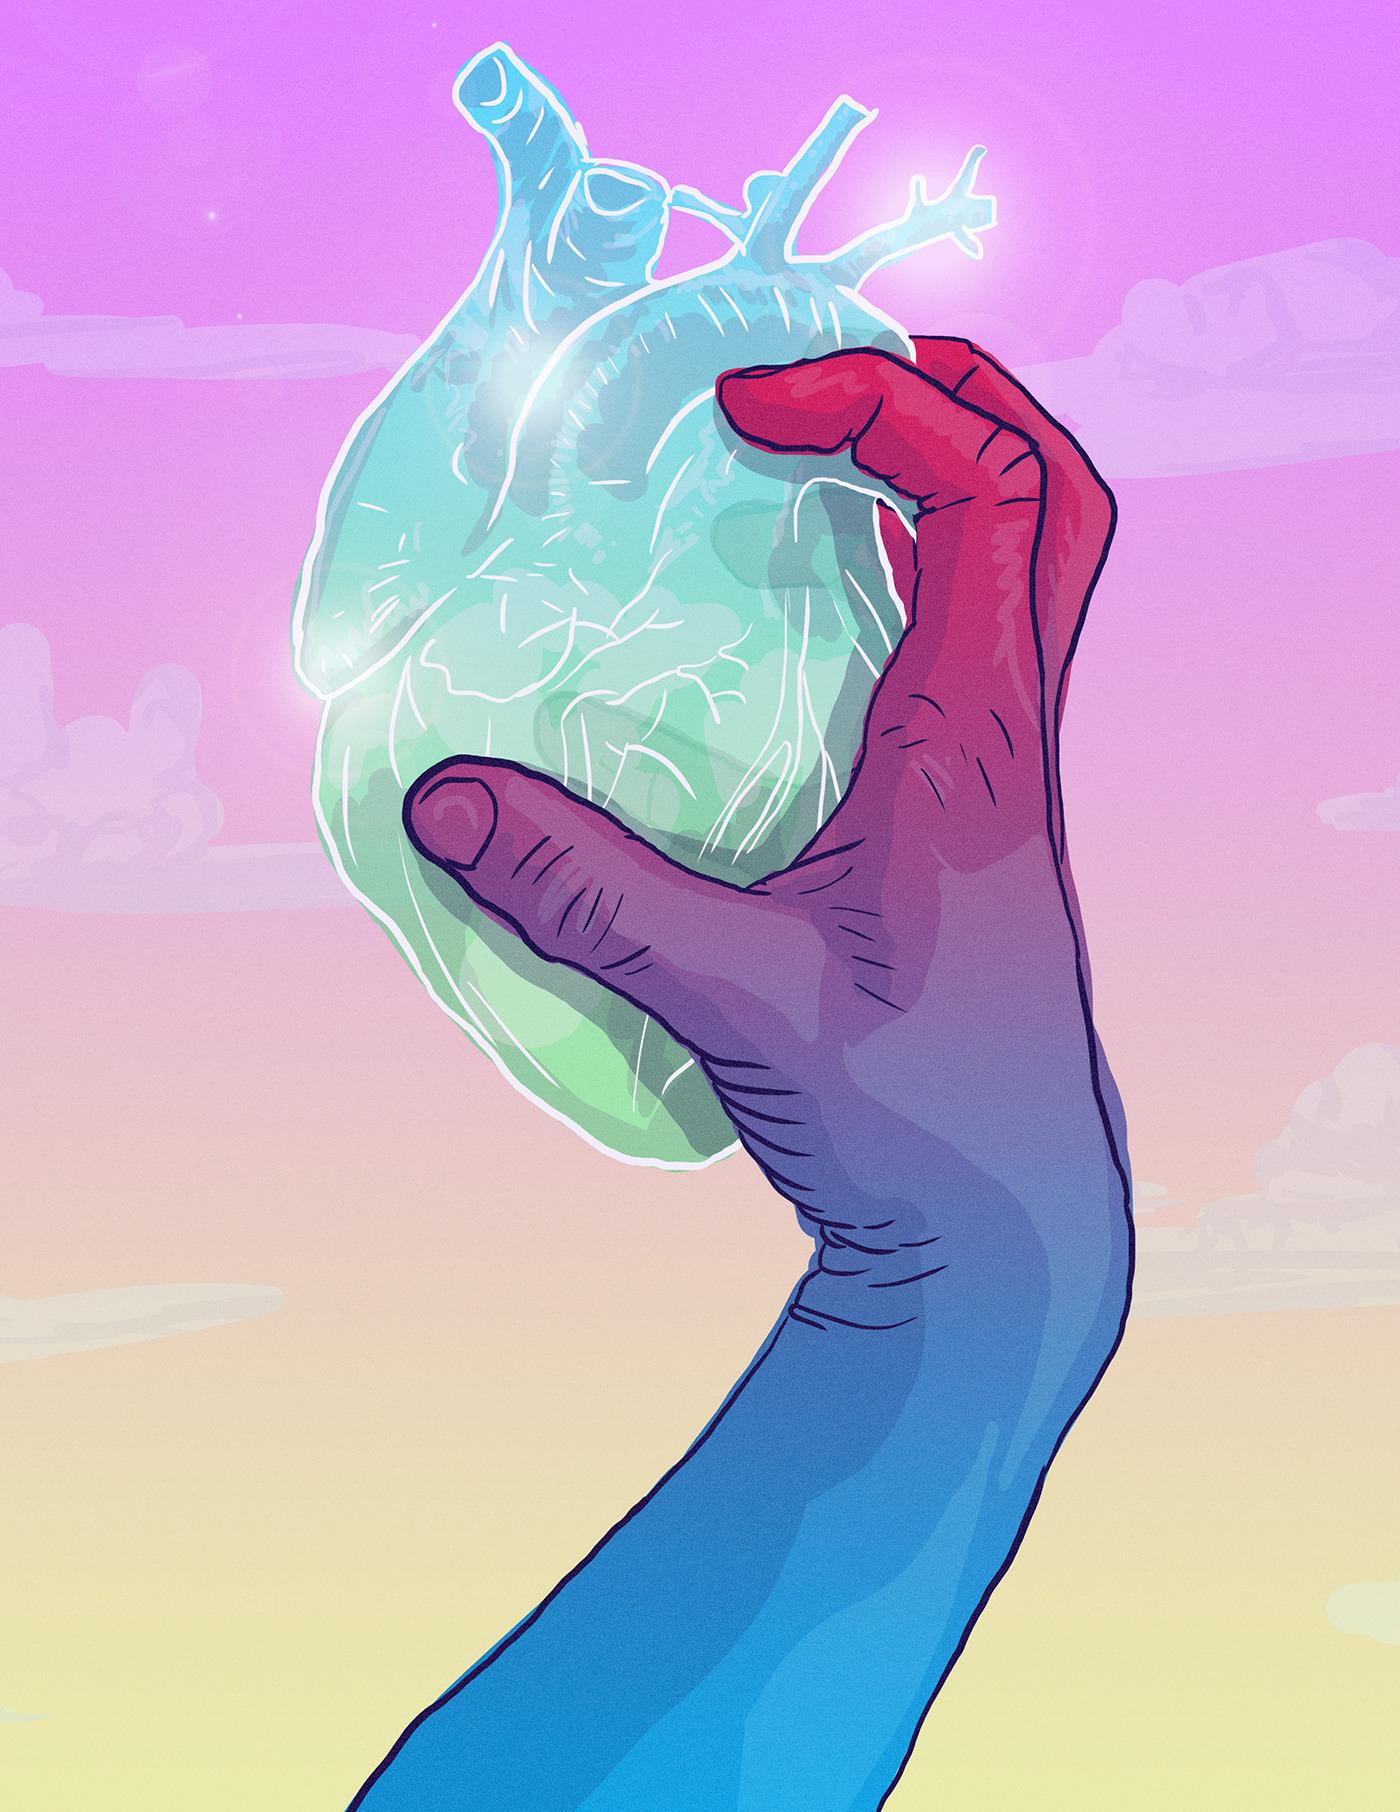 crystal heart - digital, illustration - kardozin | ello